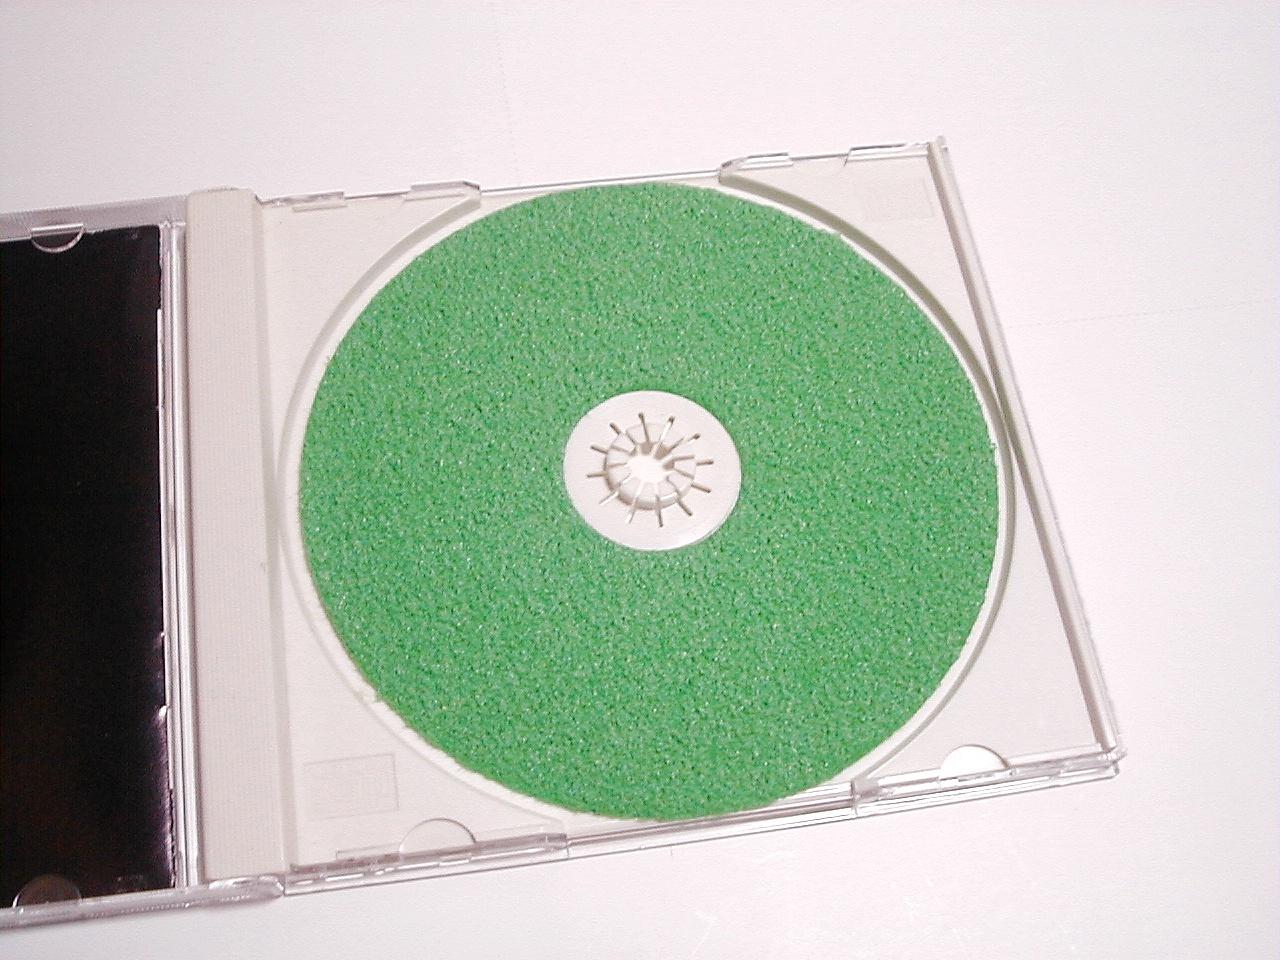 cd_sponge003.jpg